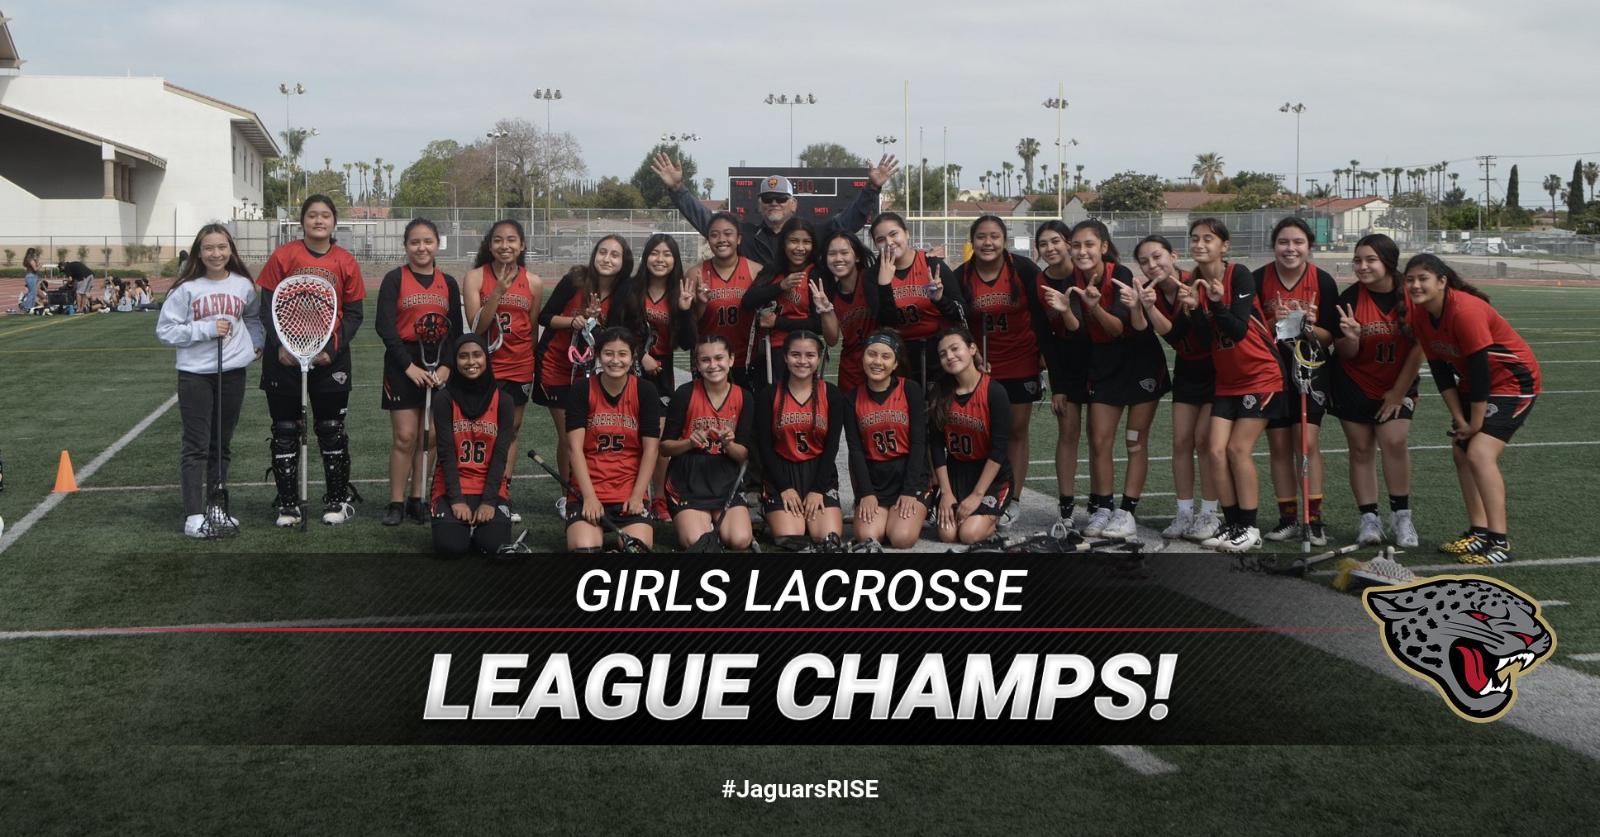 Girls Lacrosse – League Champs!